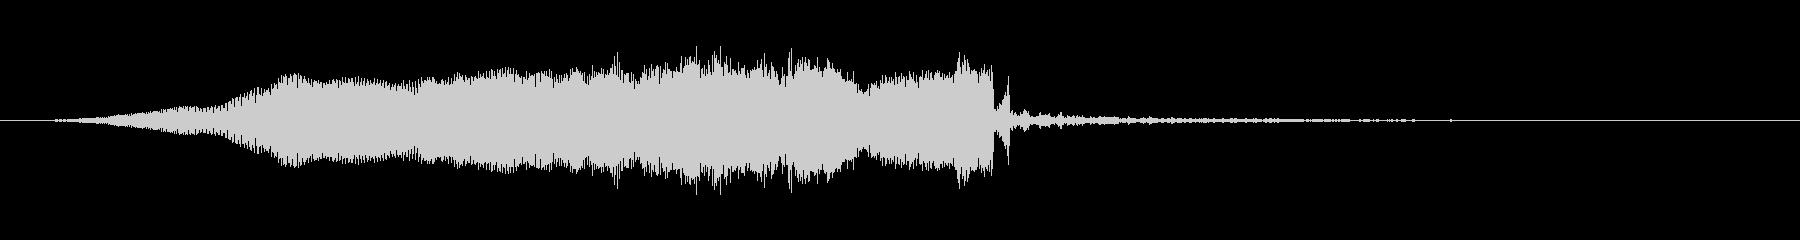 トランジション スイープ 35 の未再生の波形